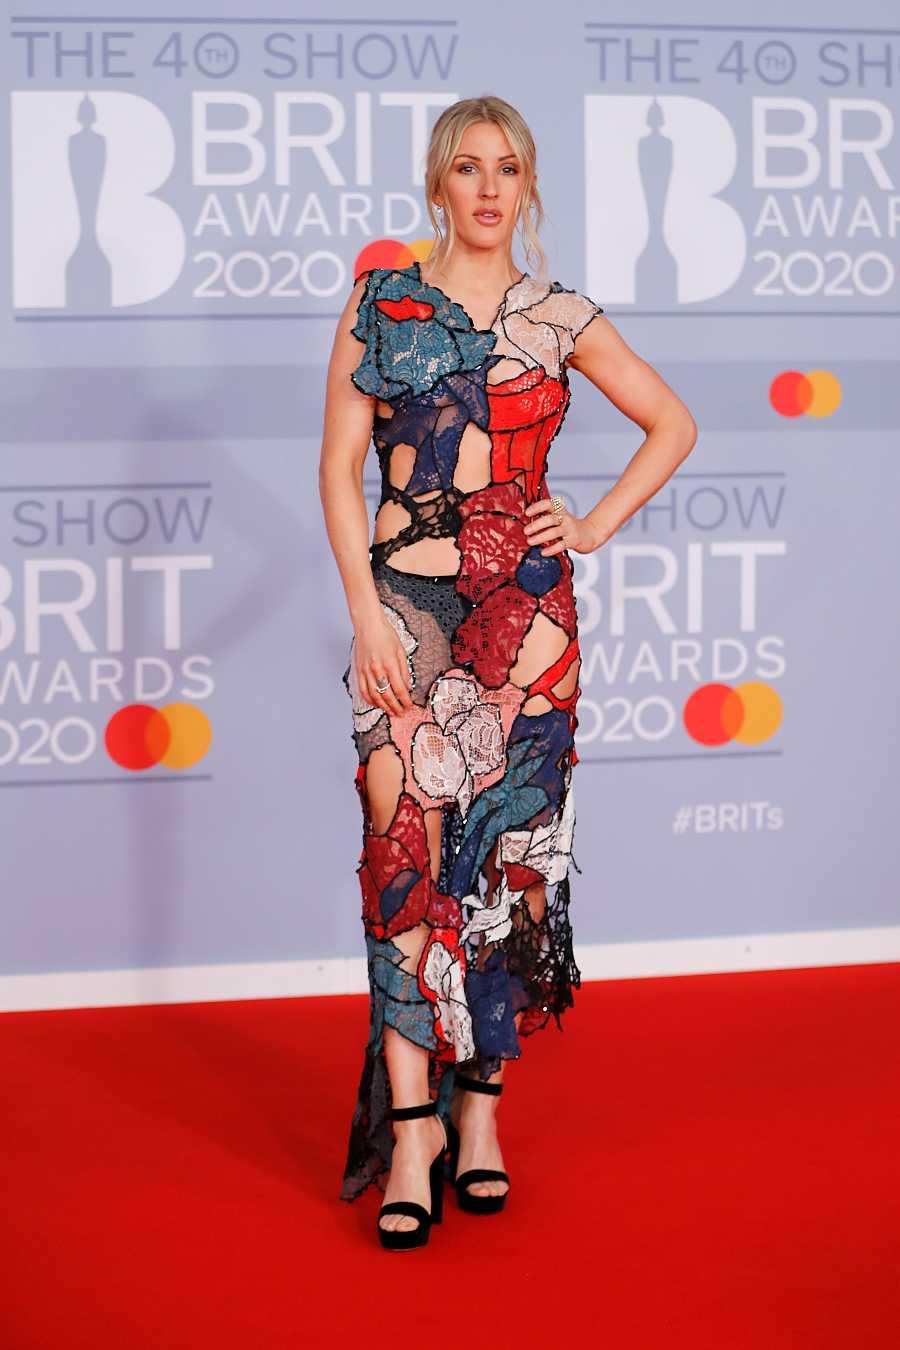 La cantautora Ellie Goulding con un vestido de texturas y transparencias en los British Awards 2020